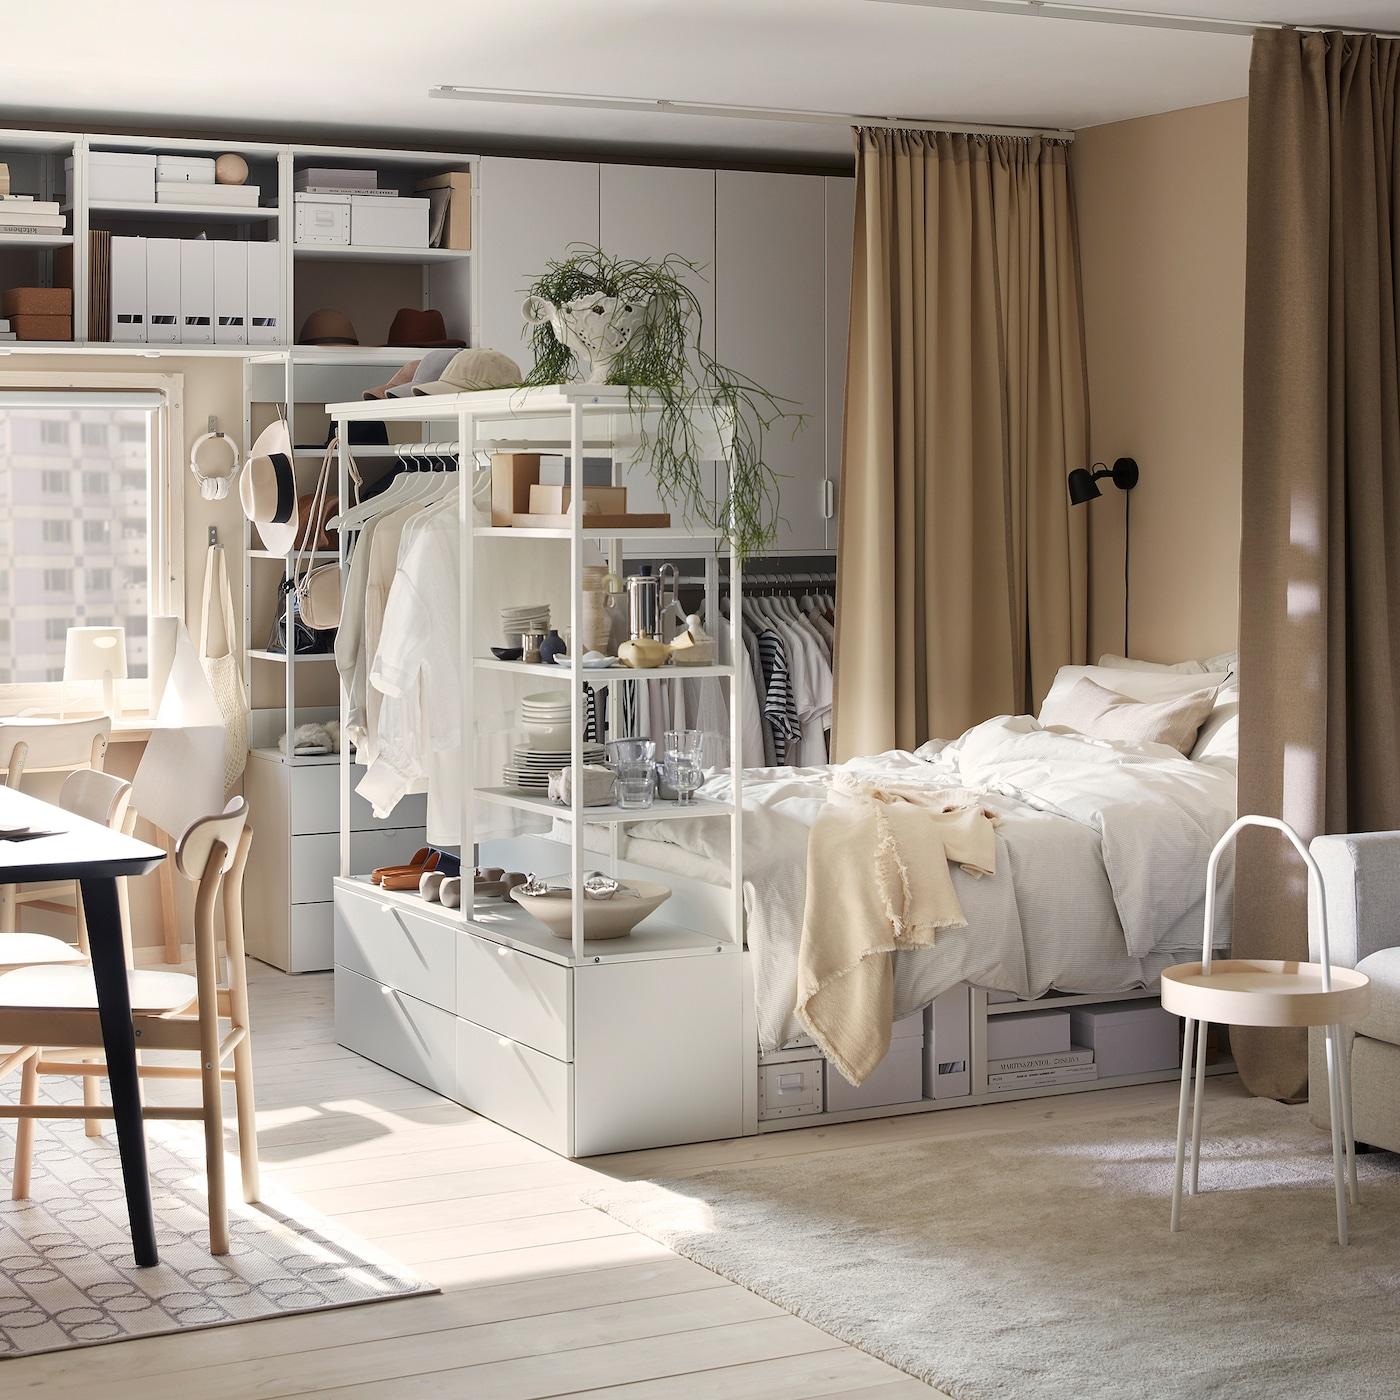 شقة صغيرة تتضمن مجموعات تخزين PLATSA وهيكل سرير باللون الأبيض وطاولة طعام سوداء وستائر بيج.